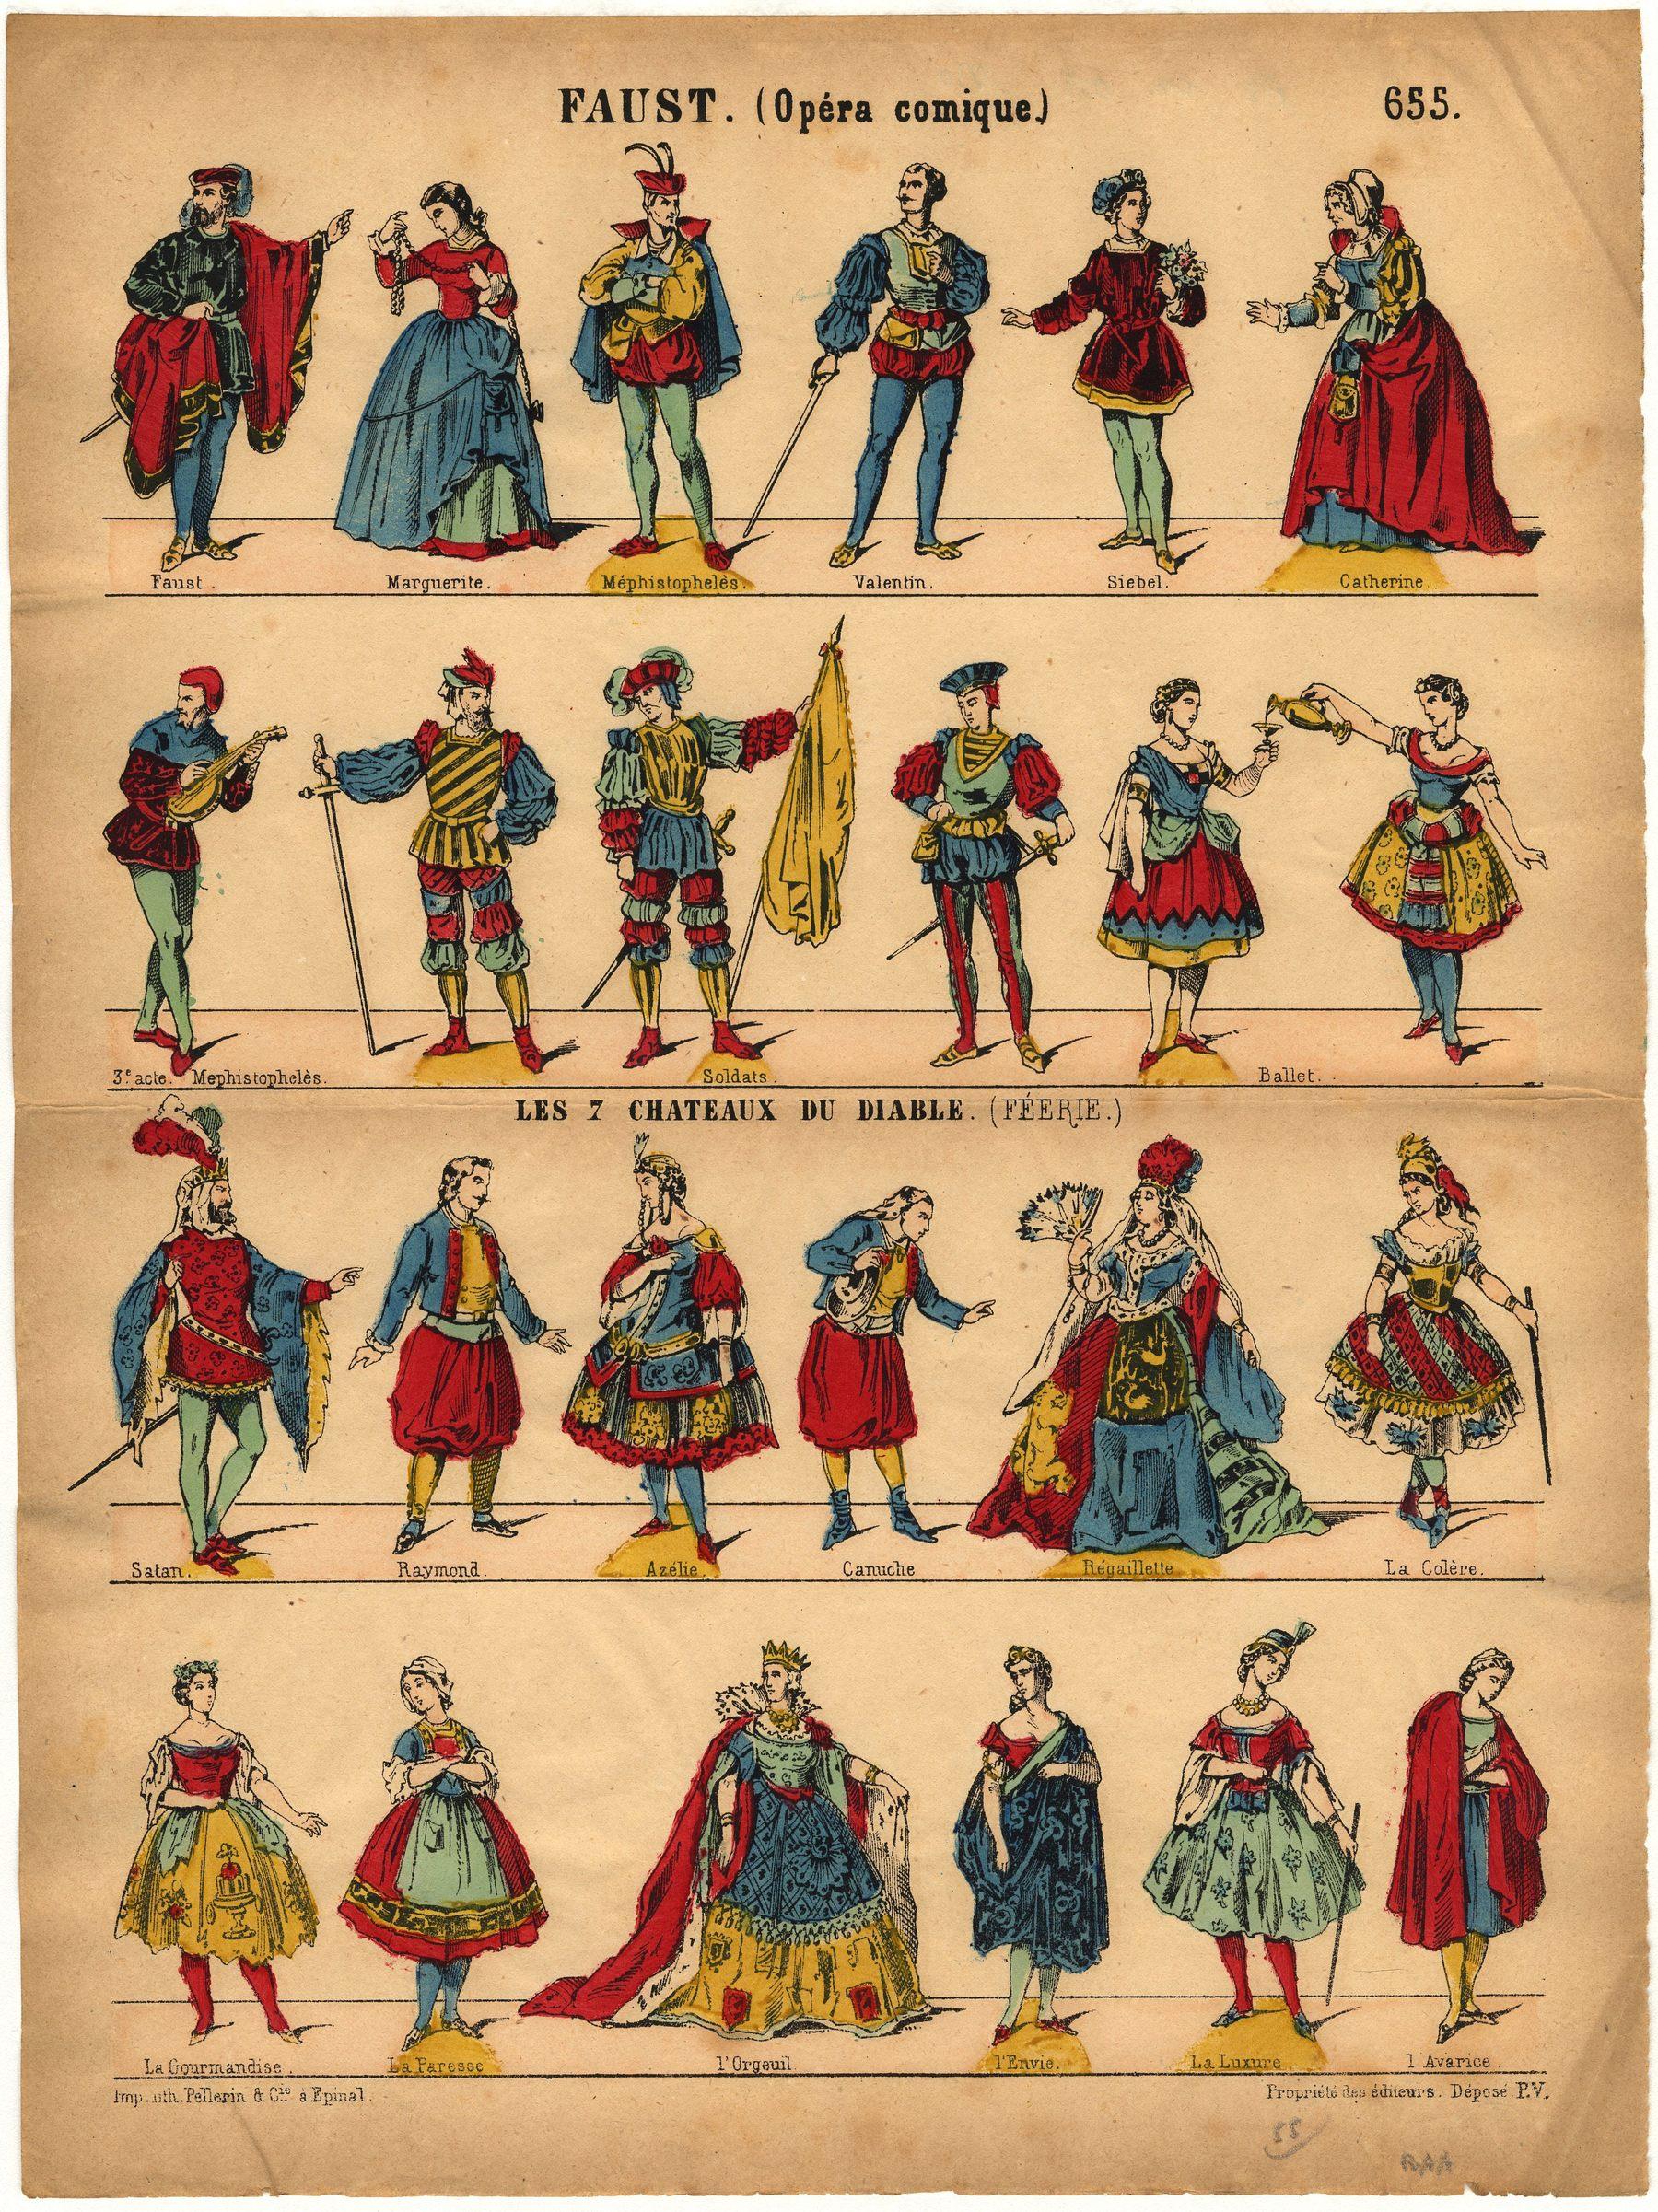 Contenu du Faust : opéra comique